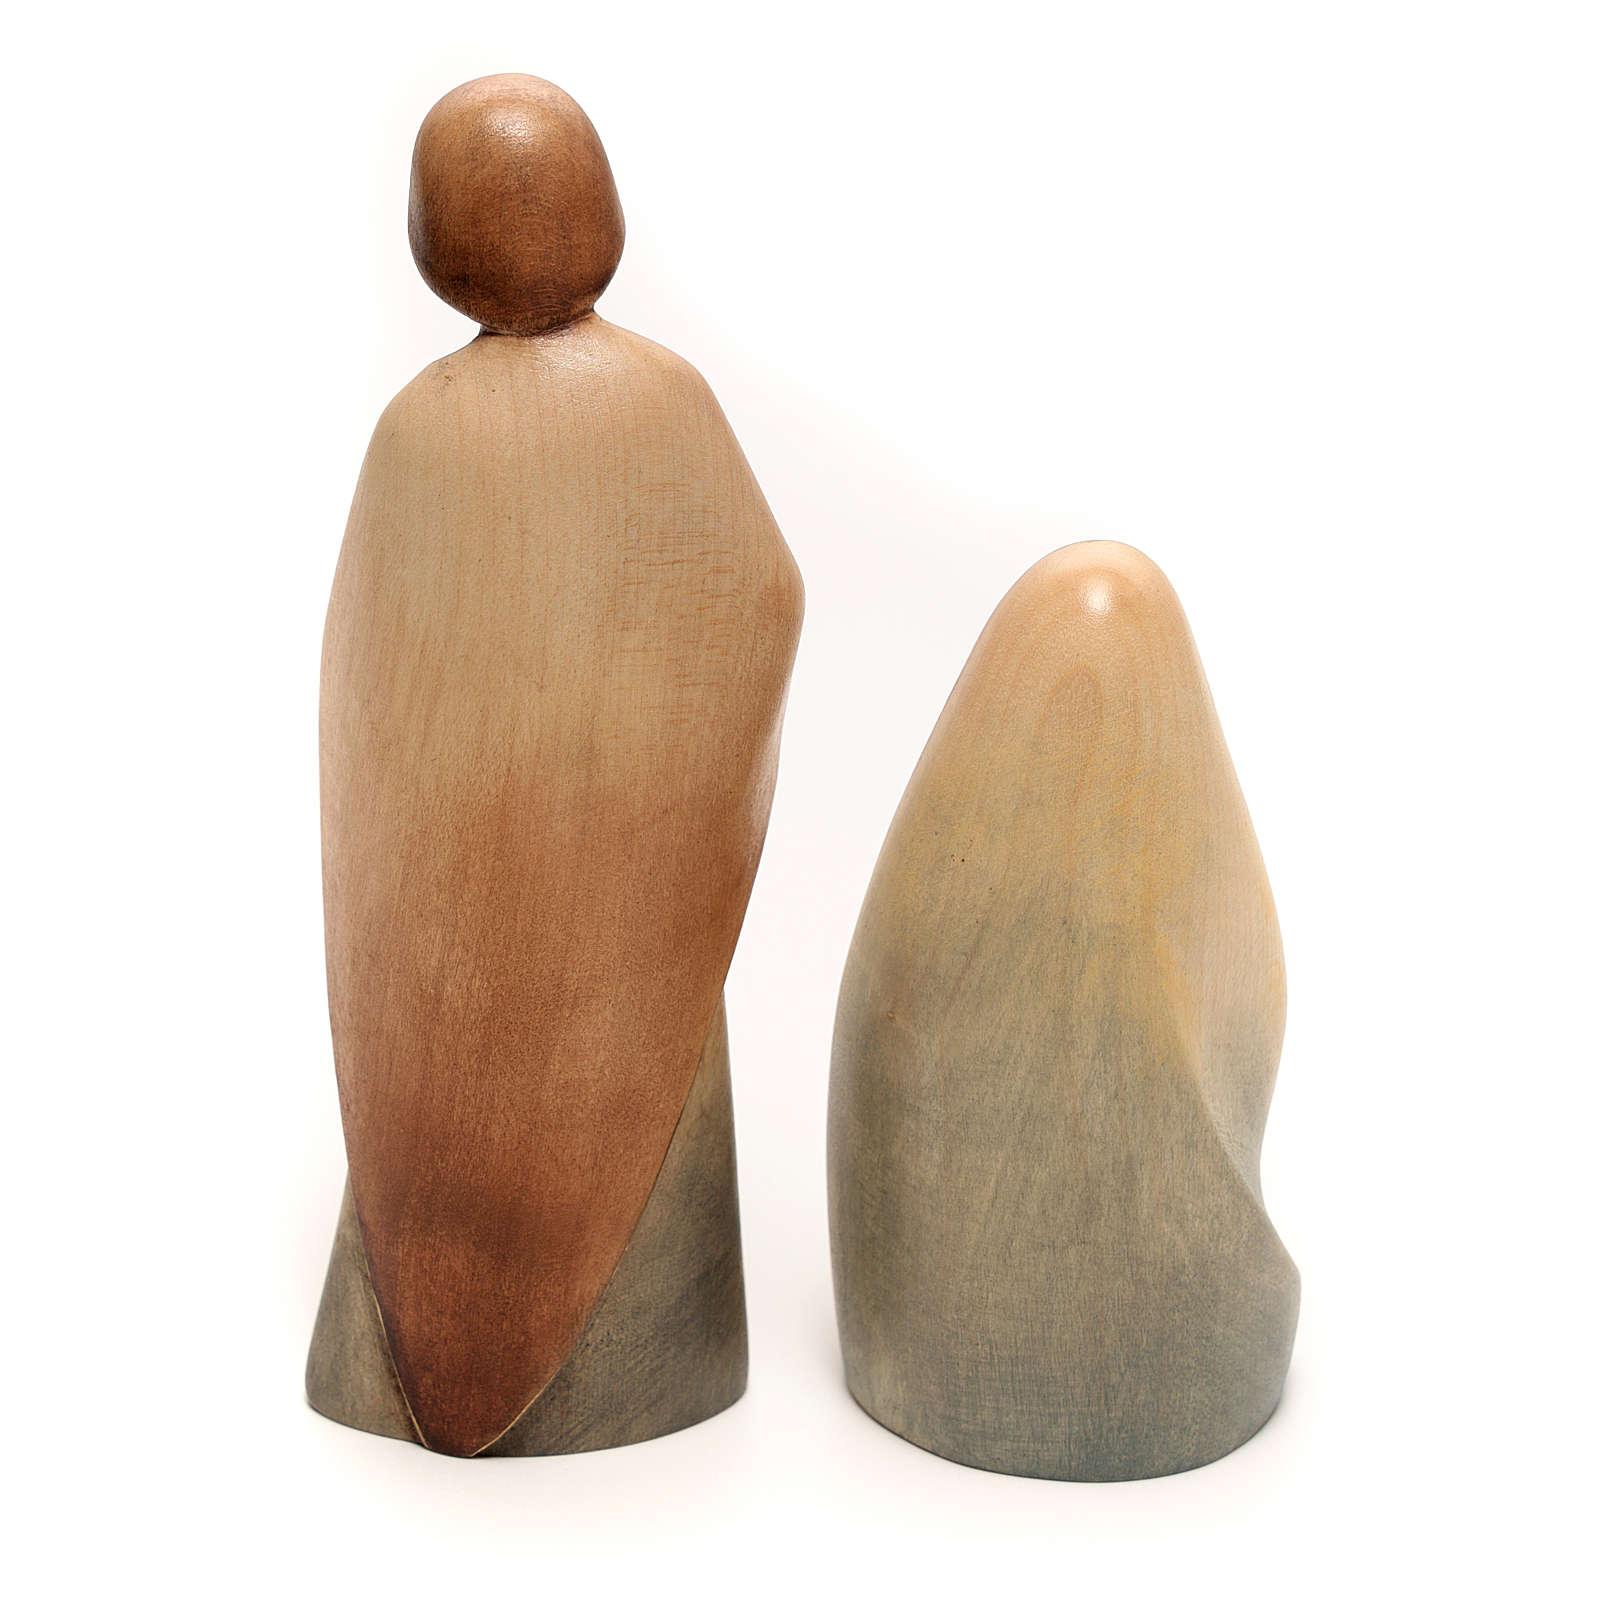 Natività La gioia due pezzi legno acero acquerello Valgardena 3